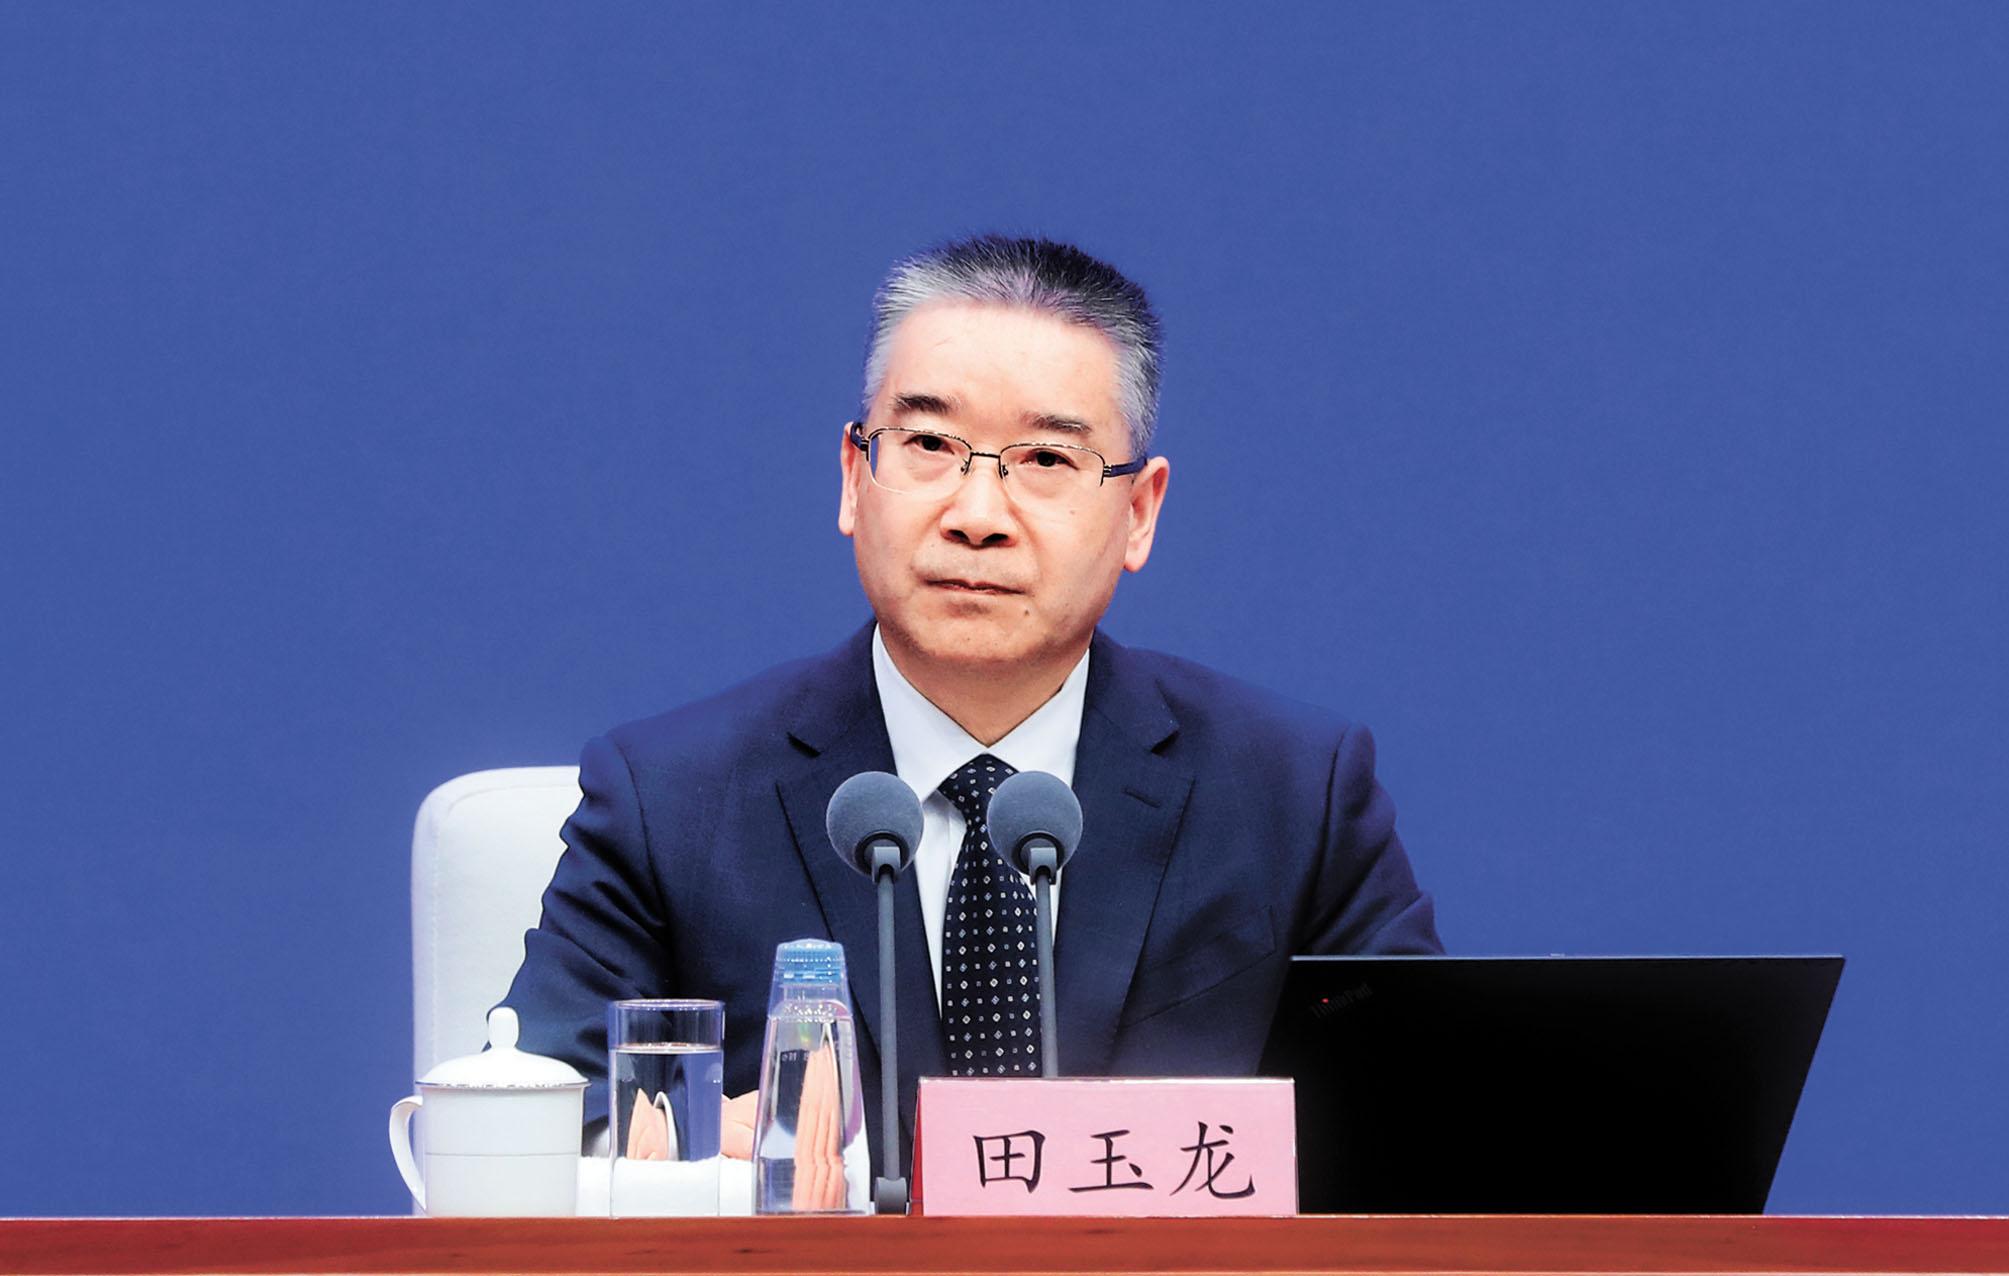 中國工信部總工程師 田玉龍